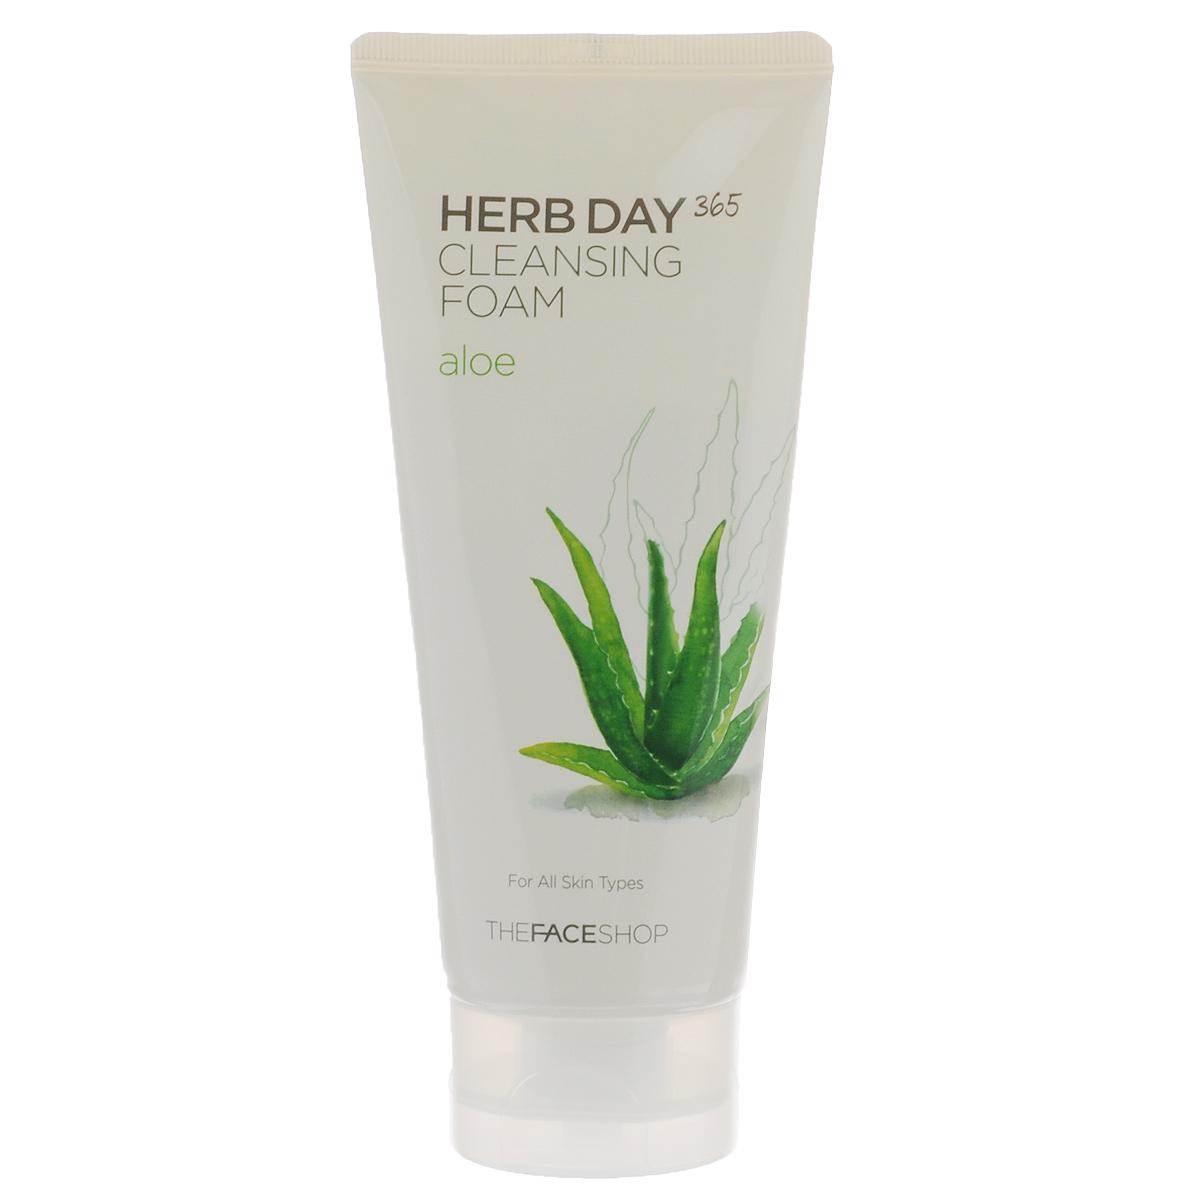 The Face Shop Пенка для умывания Herb Day 365, очищающая, с экстрактом алое, для всех типов кожи, 170 млFS-00103Пенка для умывания Herb Day 365 содержит экстракт алоэ вера и комплекс экстрактов лекарственных трав. Мягко очищает кожу лица, мягко удаляет мертвые клетки и загрязнения пор. Эффективно успокаивает, обладает осветляющим эффектом и увлажняет кожу лица. Экстракт алоэ вера содержит огромное количество биологически активных веществ, из которых наиболее важными для кожи являются: каротин, витамины С и Е, защищающие кожу от повреждающего действия свободных радикалов и преждевременного старения; комплекс полисахаров с высокой влагоудерживающей и иммуностимулирующей способностью; салициловая кислота, эфирные масла и стерины, оказывающие антибактериальное и противовоспалительное действие.Товар сертифицирован.